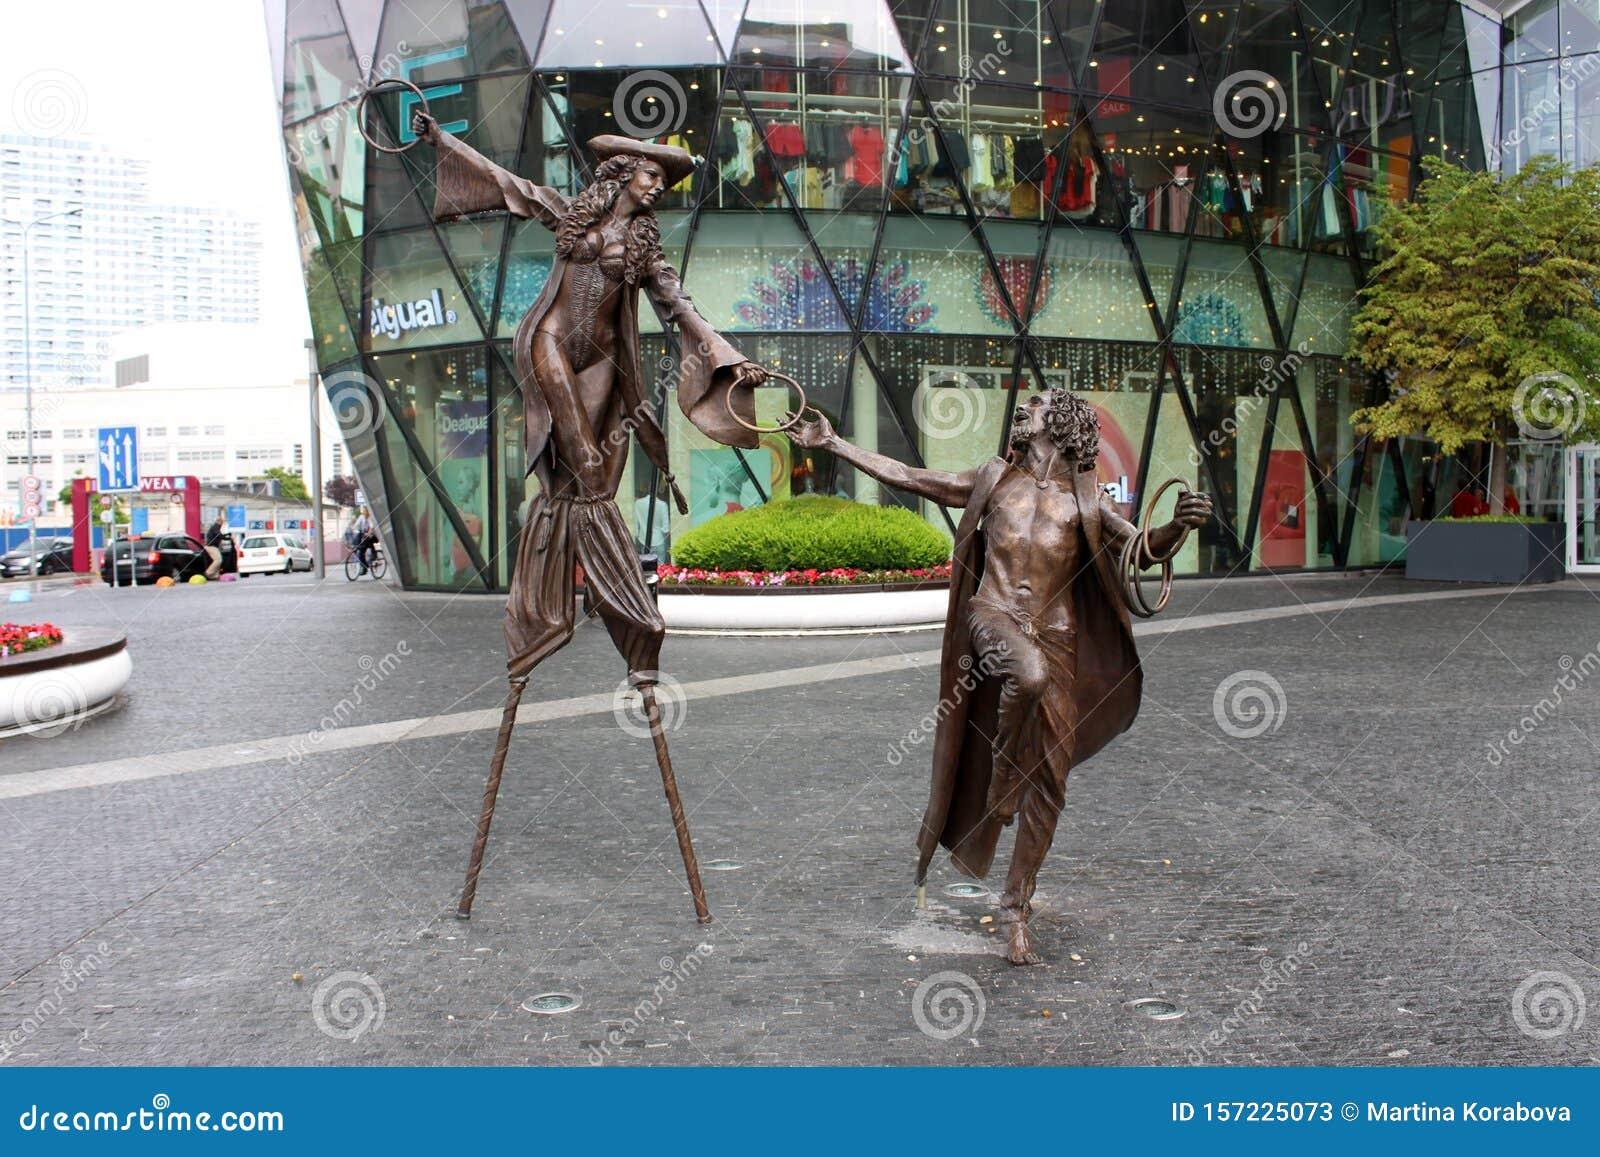 Colin Spofforth sculptures in Eurovea